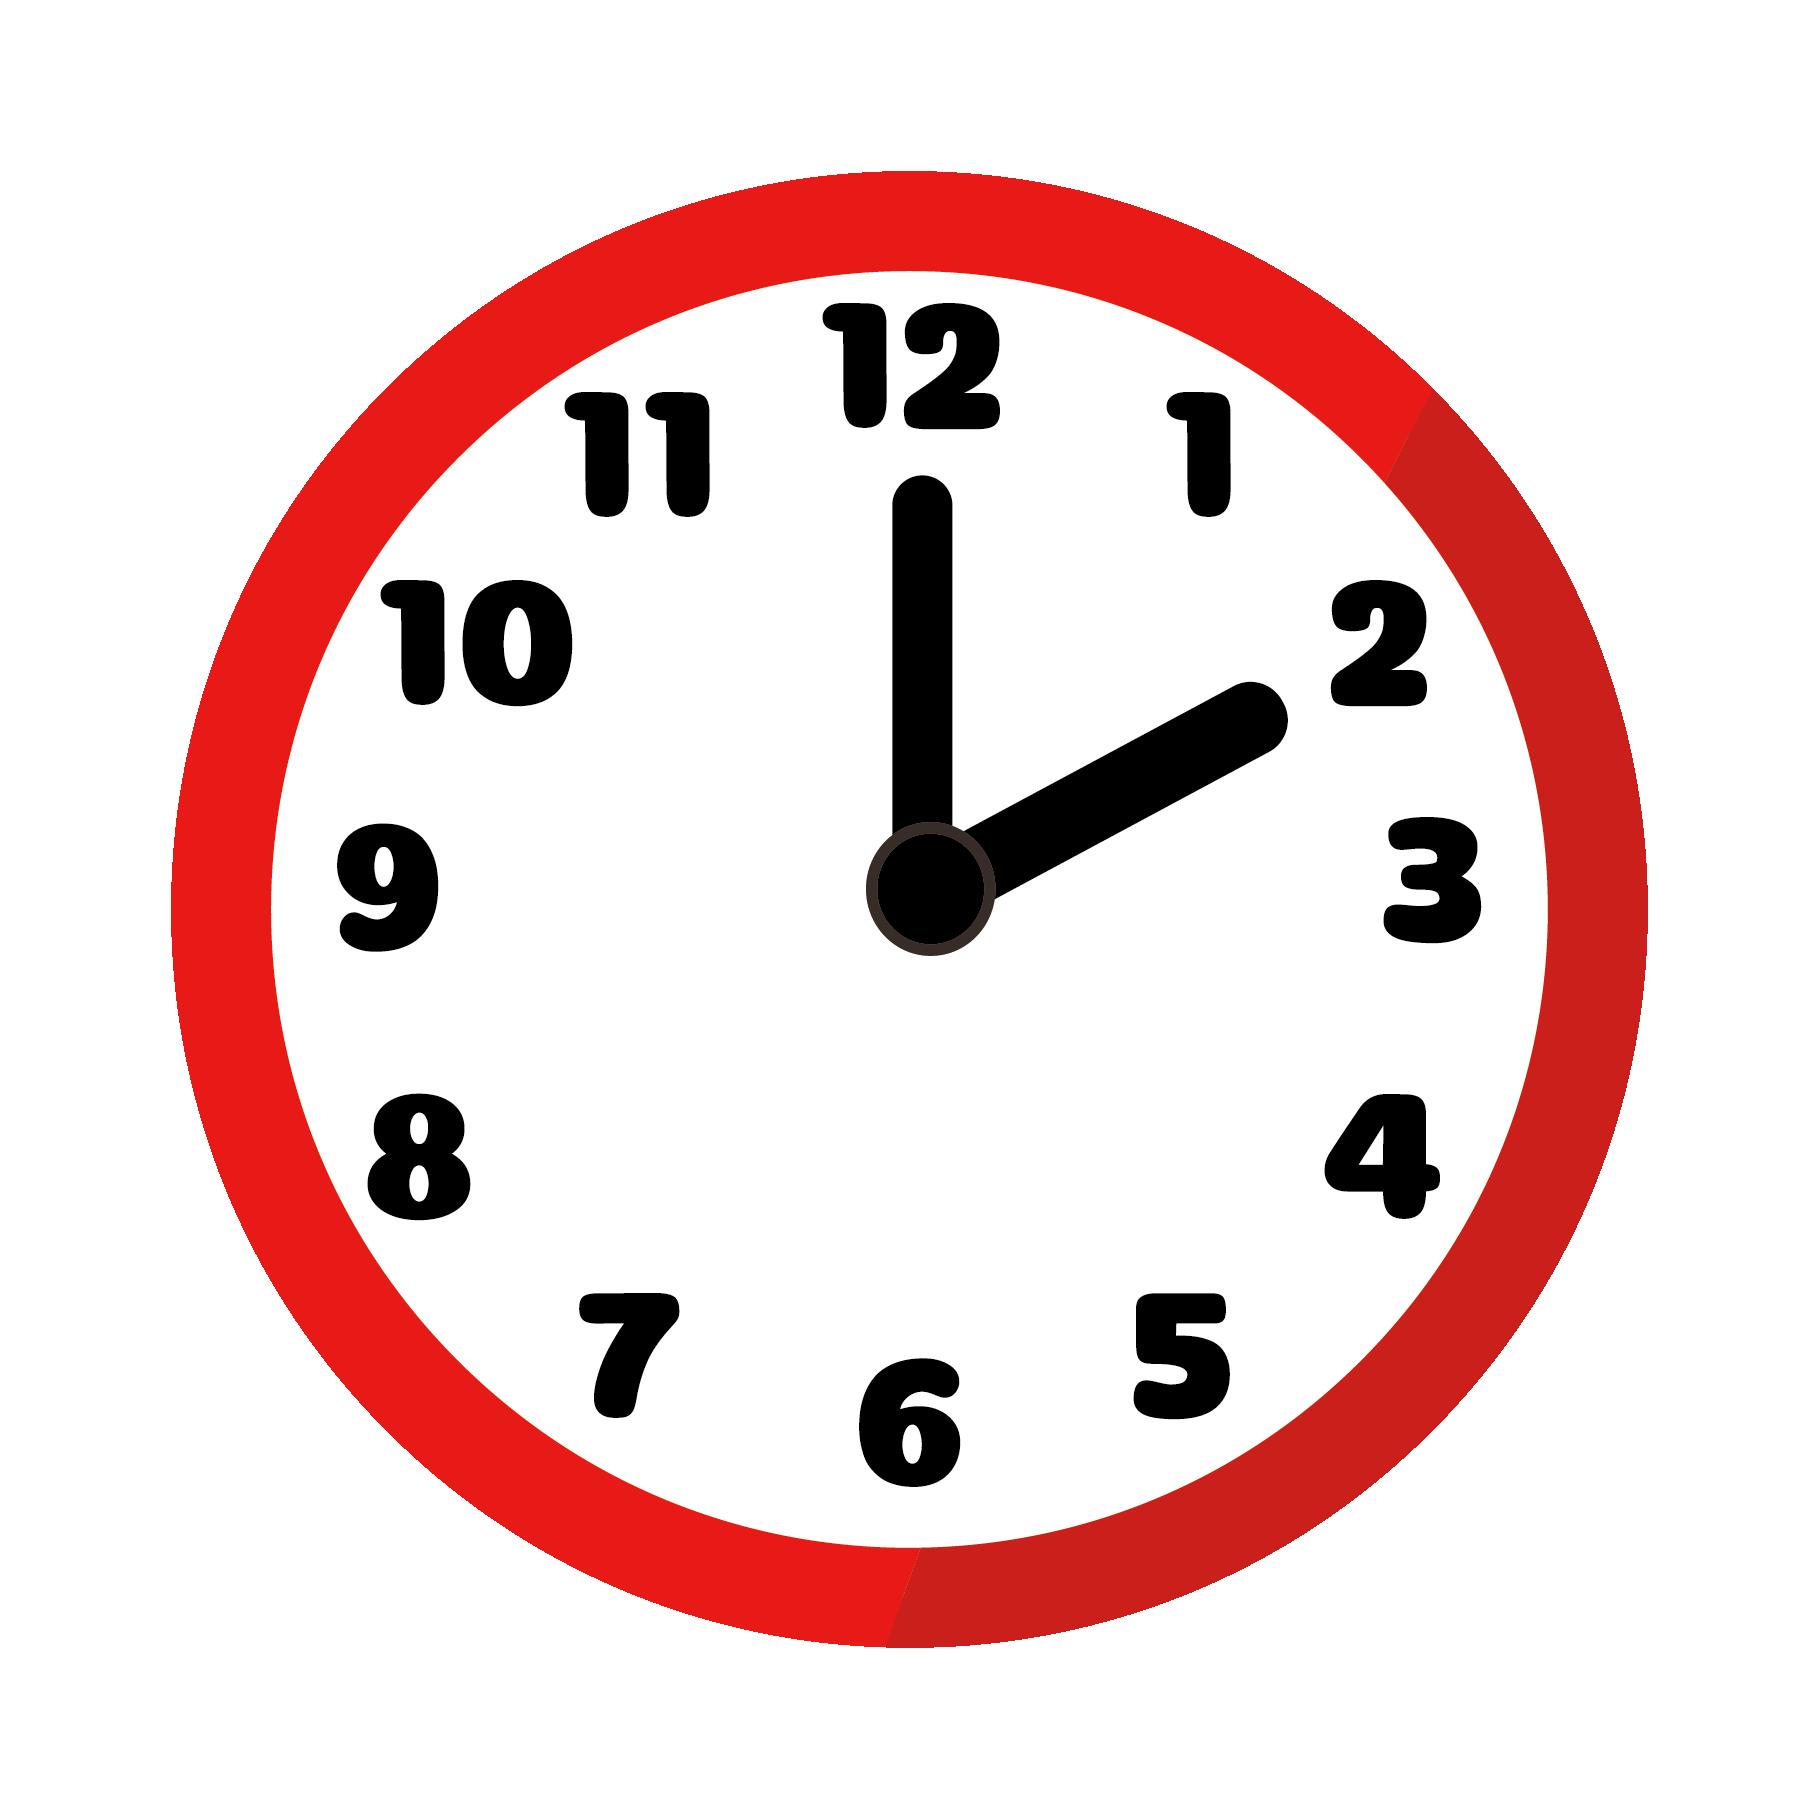 「時間 フリーイラスト」の画像検索結果